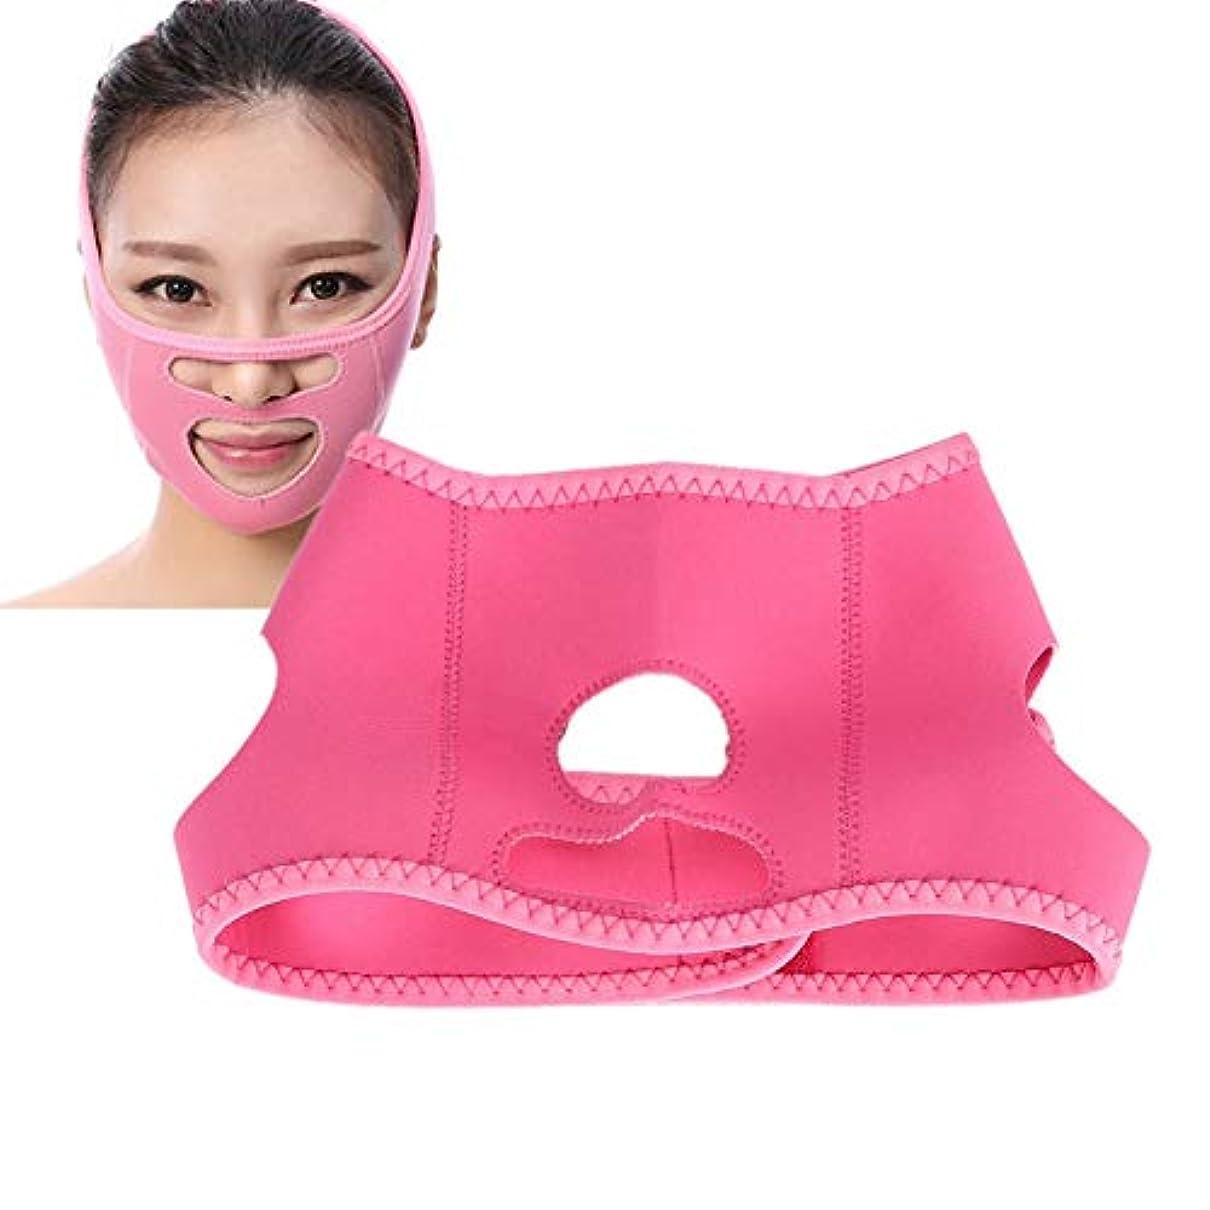 撤回するカウンタ乱雑なフェイスマスク 低反発素材 通気 小顔 矯正 顔痩せ 筋肉弛緩 二重あご 補正ベルト